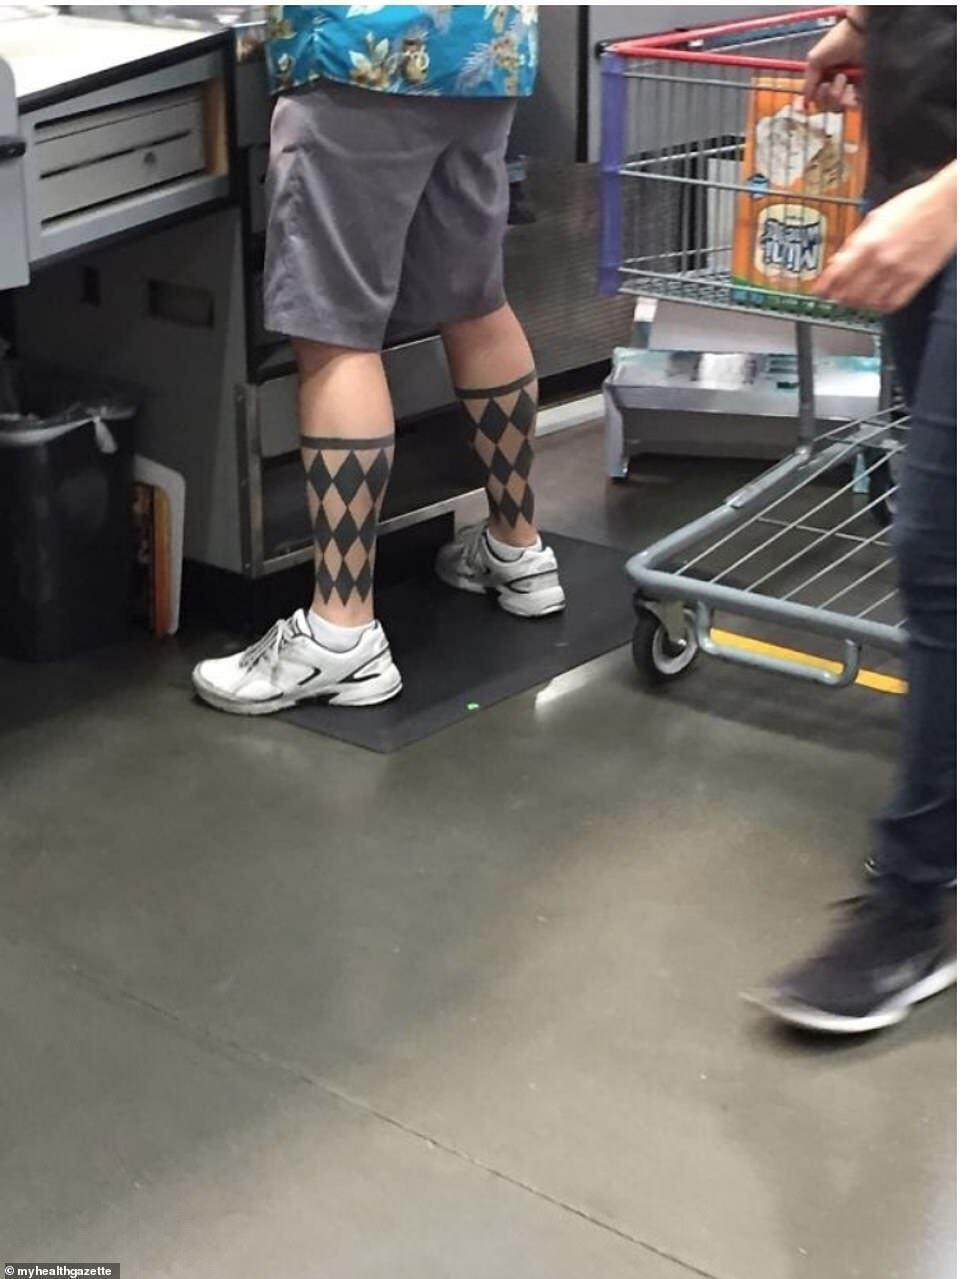 У прихильника тату є шкарпетки